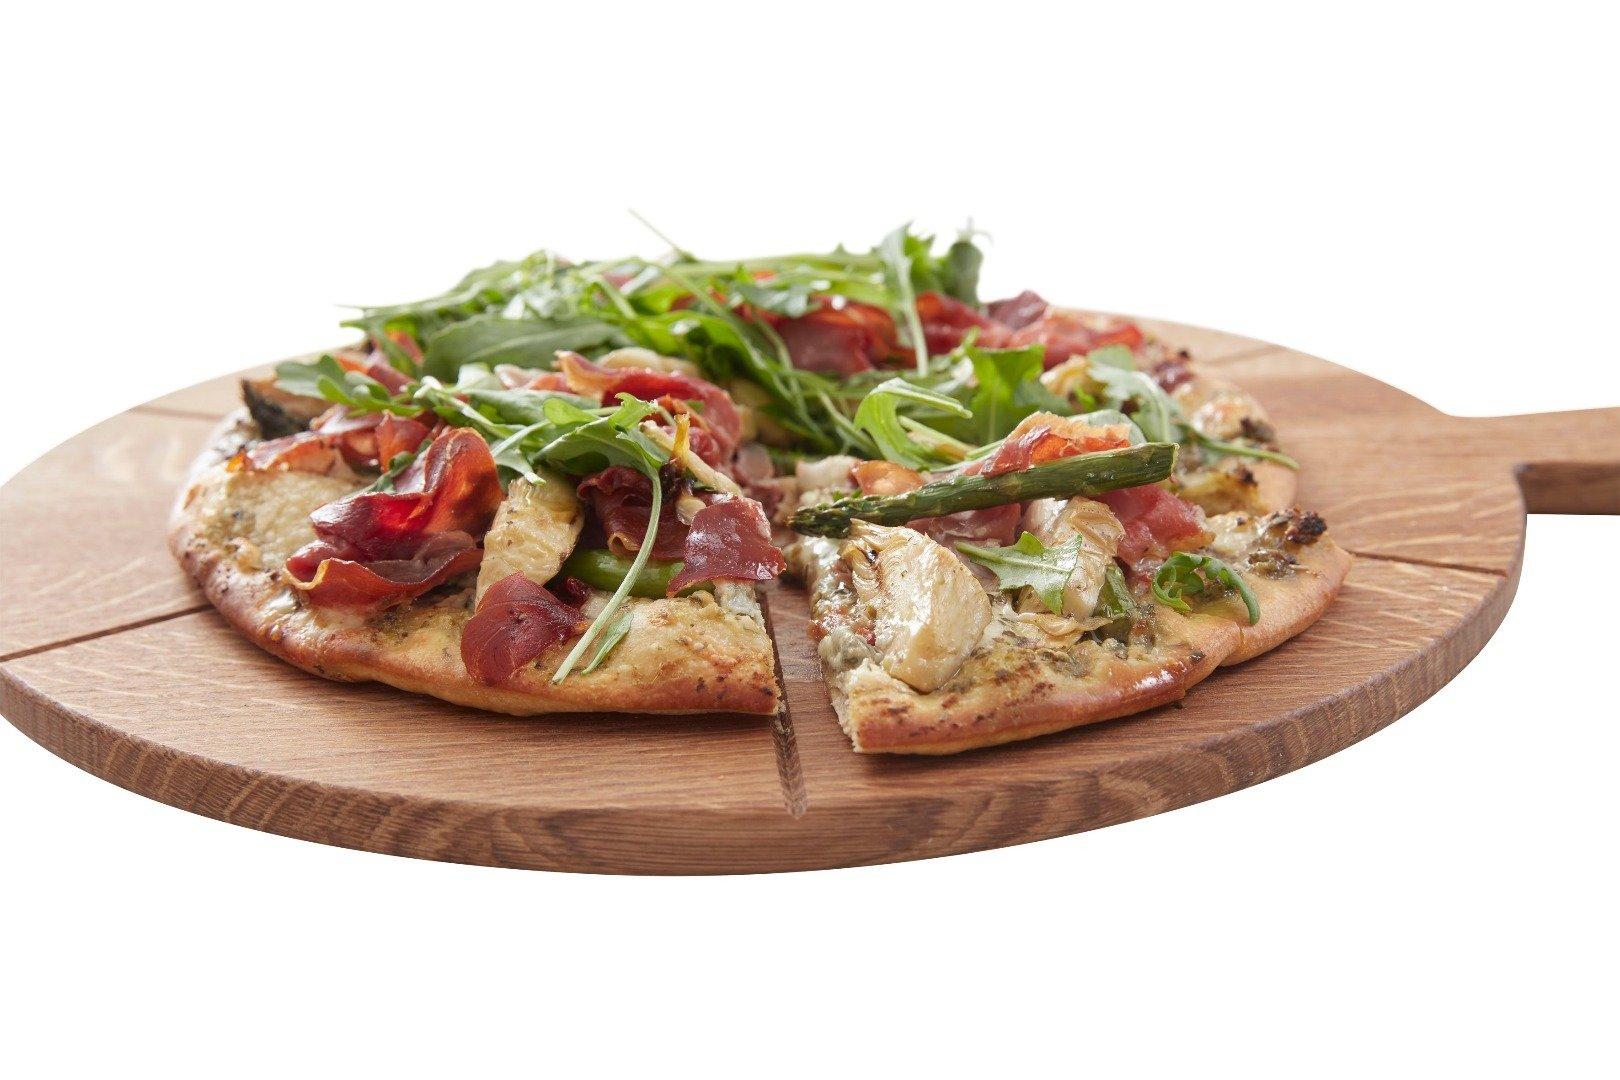 Tapas Eichenbrett • Servierbrett • Pizza Brett aus Eiche